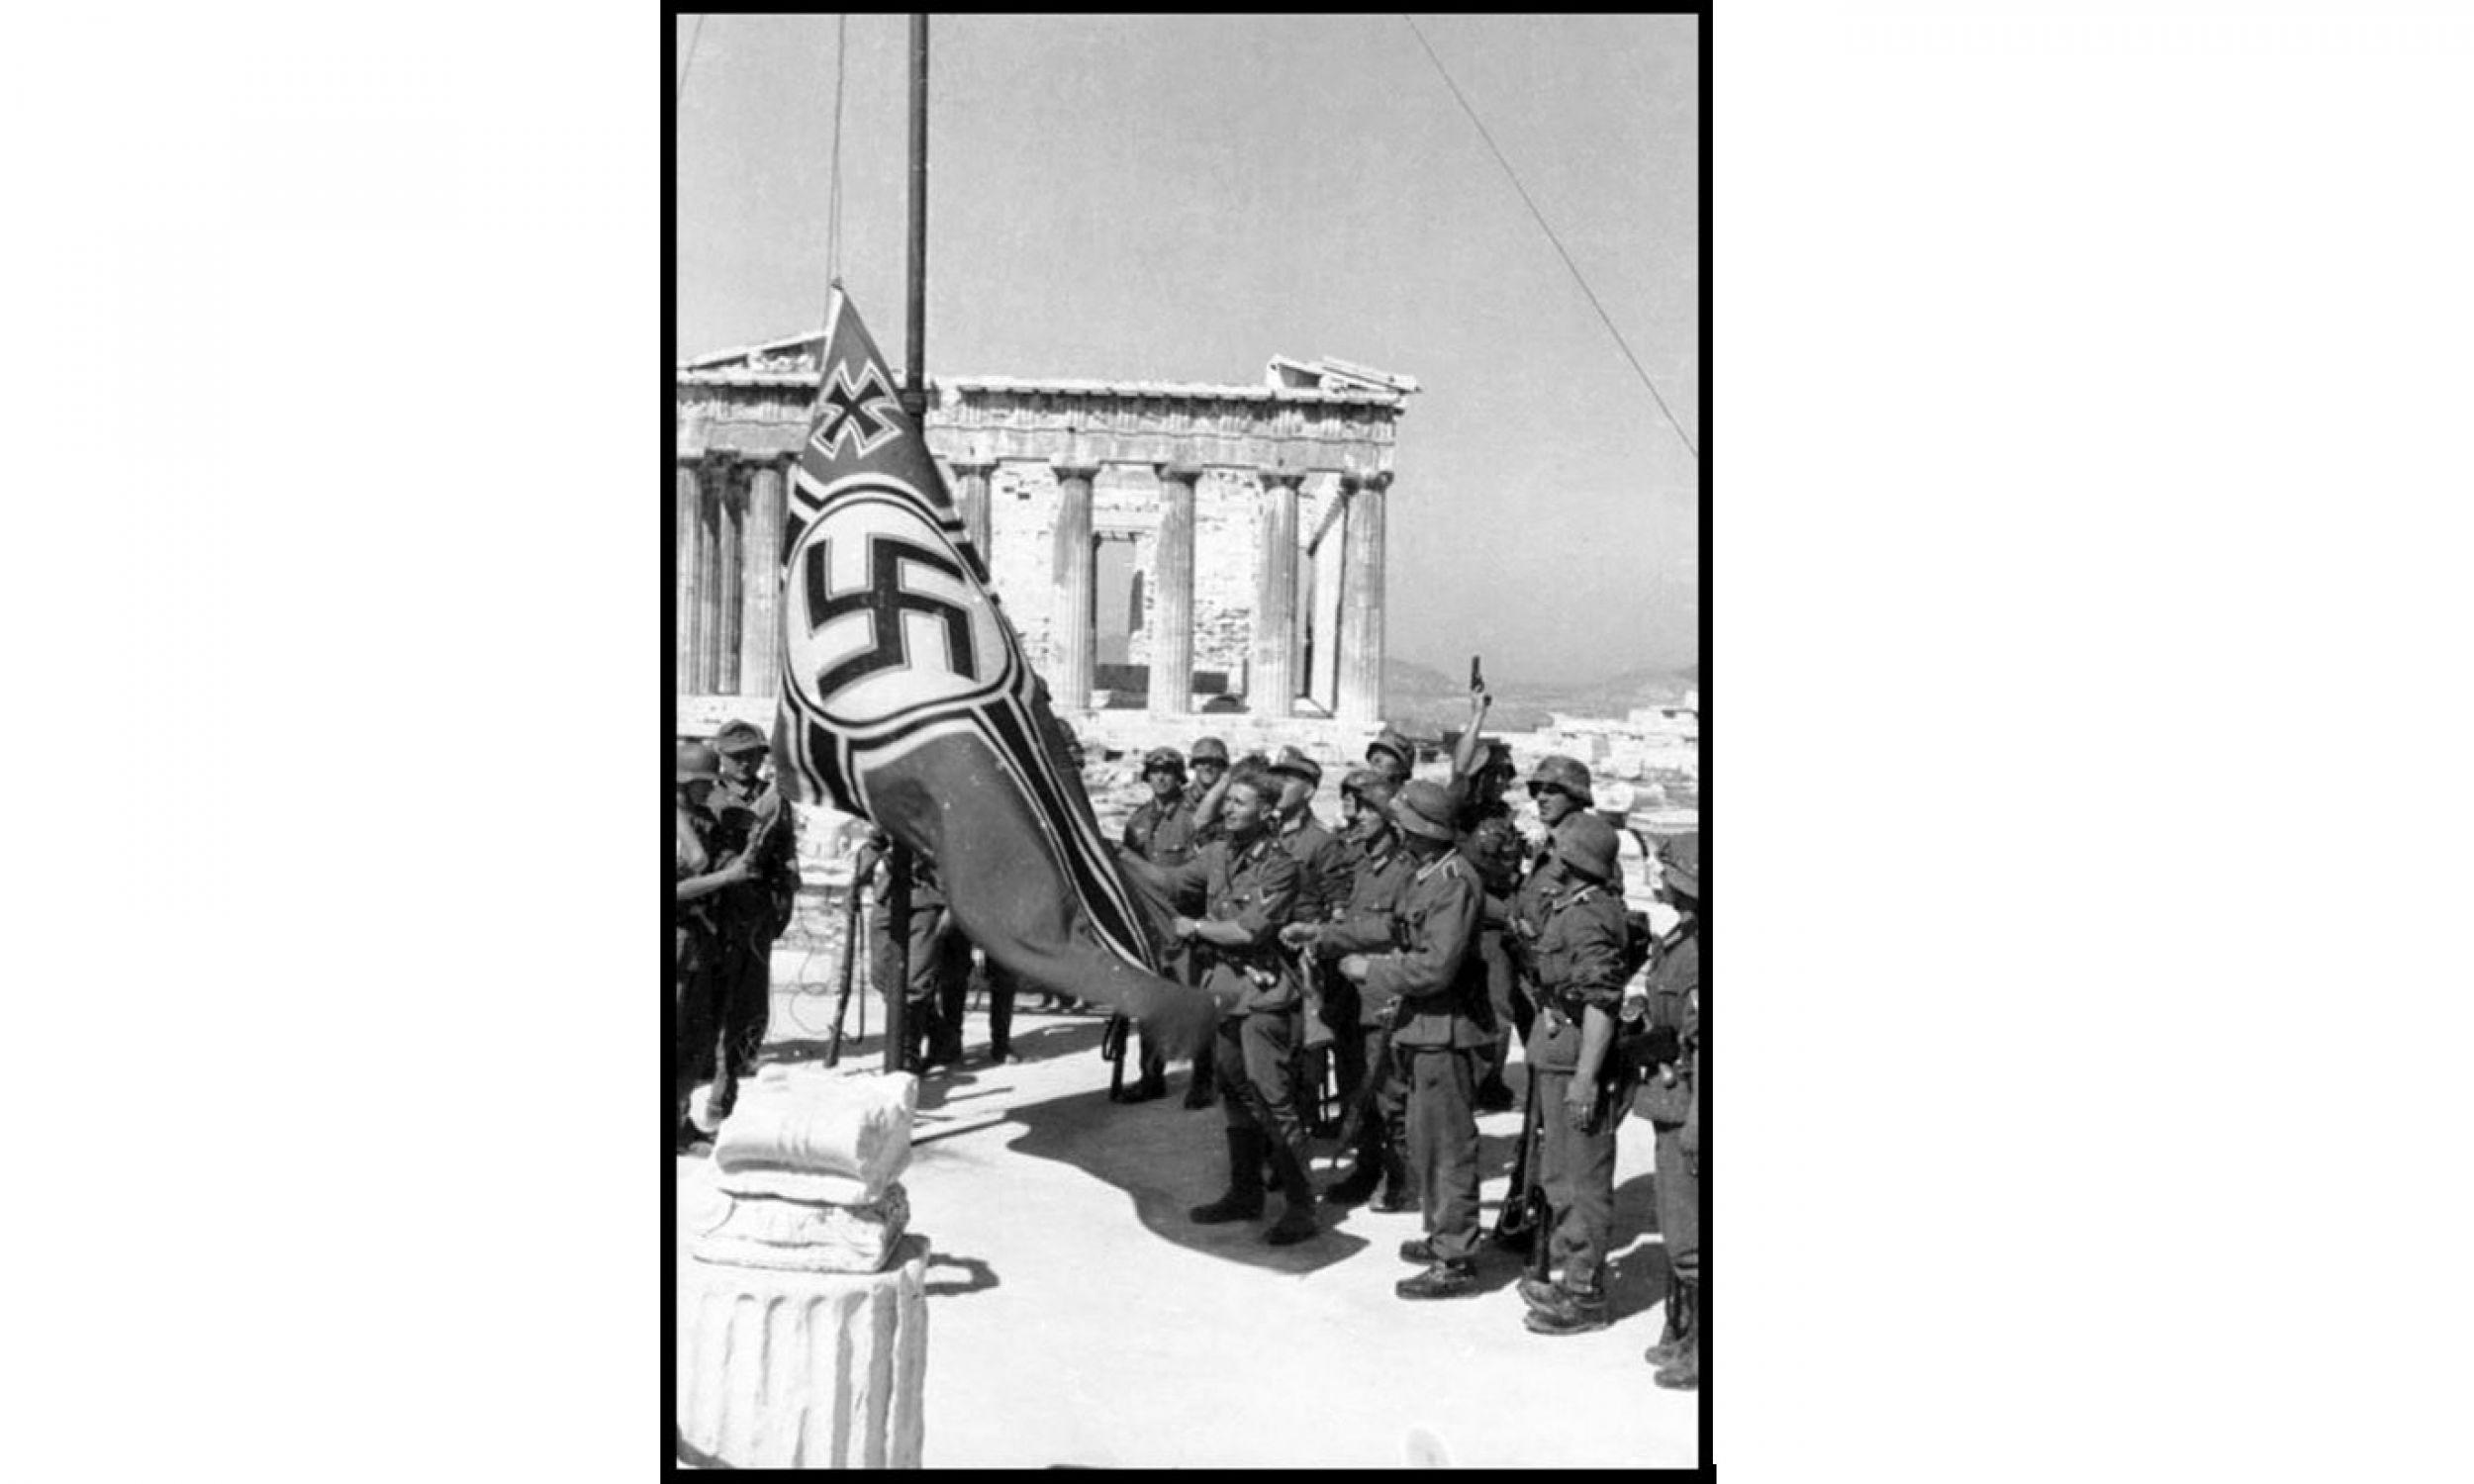 Niemieccy żołnierze wciągający na maszt flagę ze swastyką, w tle Akropol. 1941 rok. Fot. Universal History Archive/UIG via Getty Images